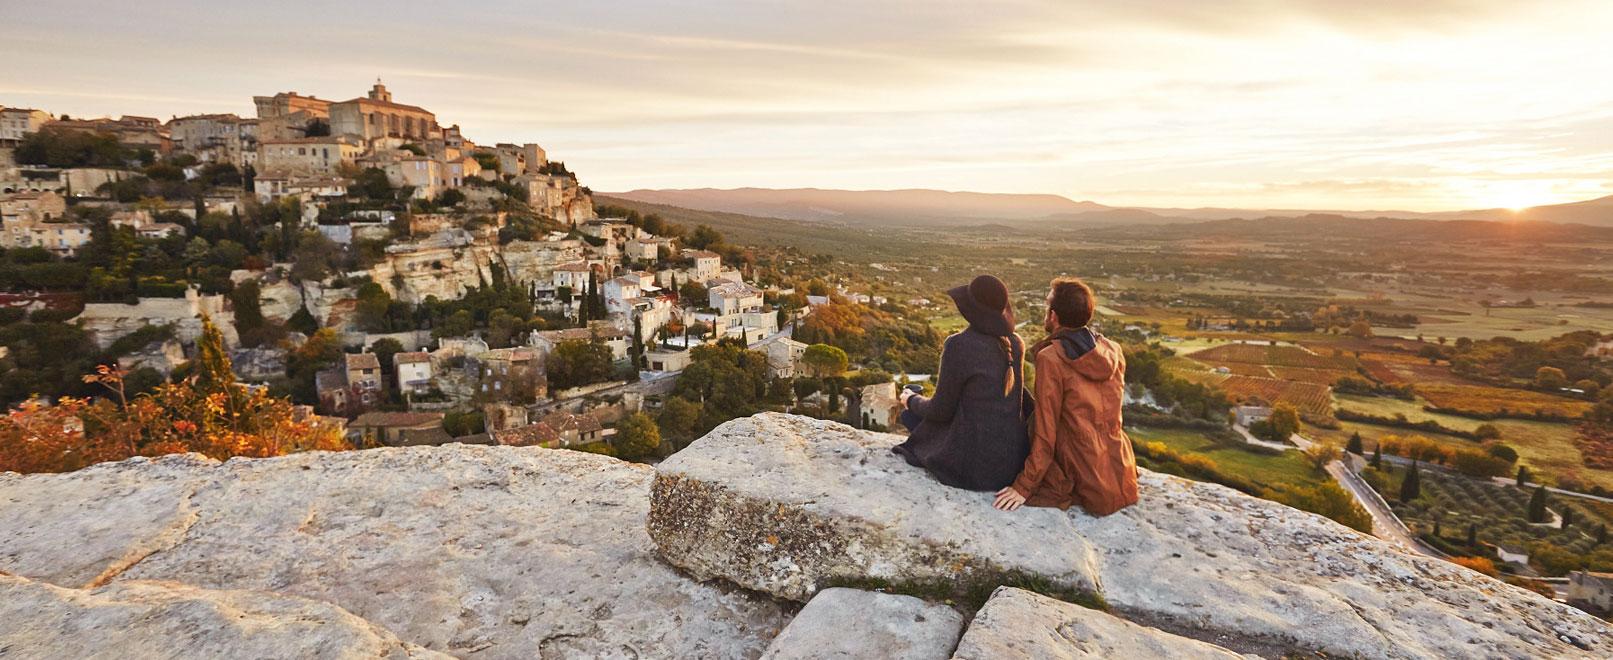 De dorpen van de Provence © Coquard